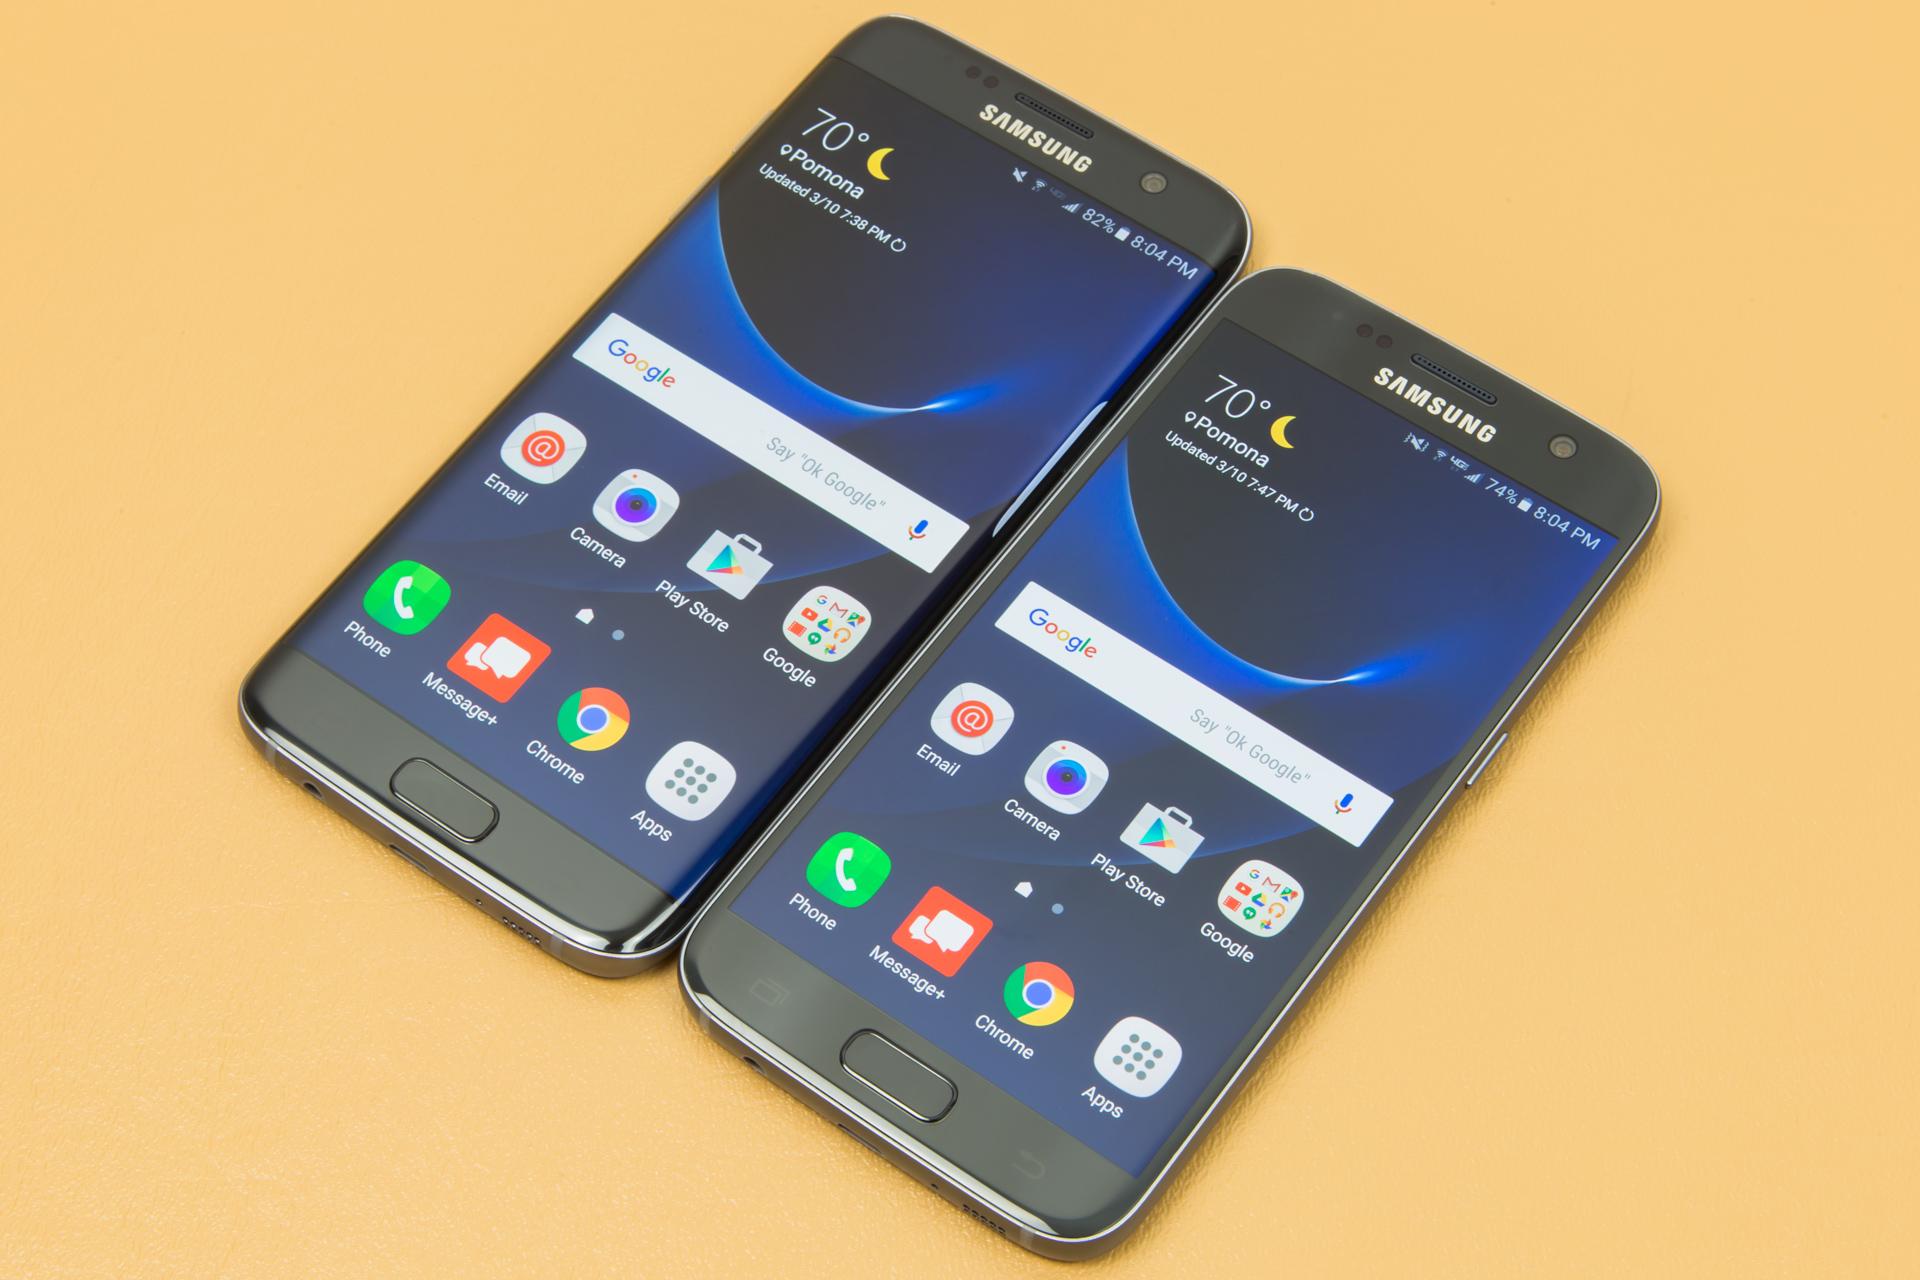 Thay chân sạc Samsung S7: Tay nghề không ổn định sẽ gây hỏng thêm bộ phận khác